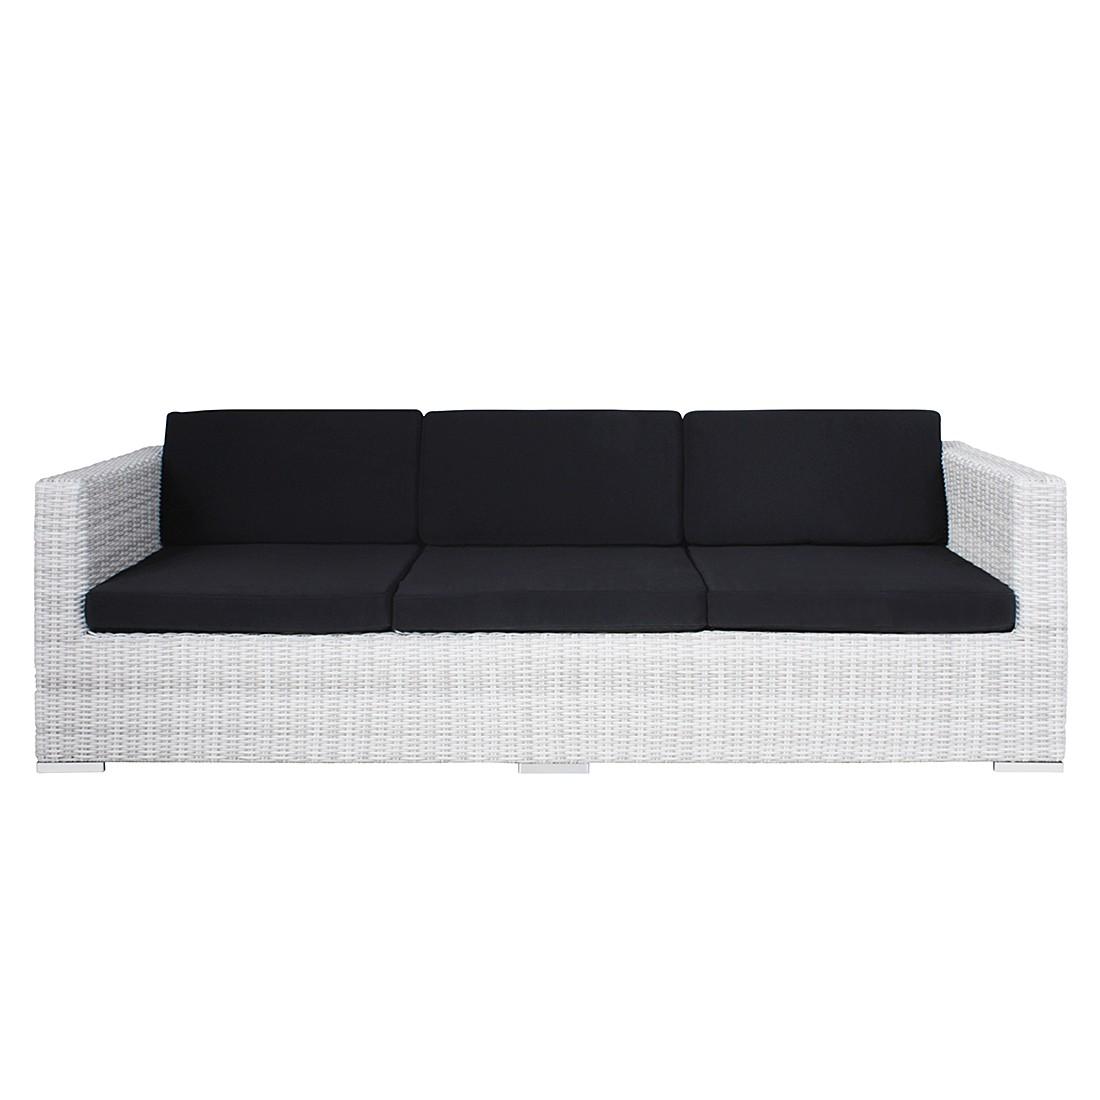 polyrattan schwarz preisvergleich die besten angebote. Black Bedroom Furniture Sets. Home Design Ideas